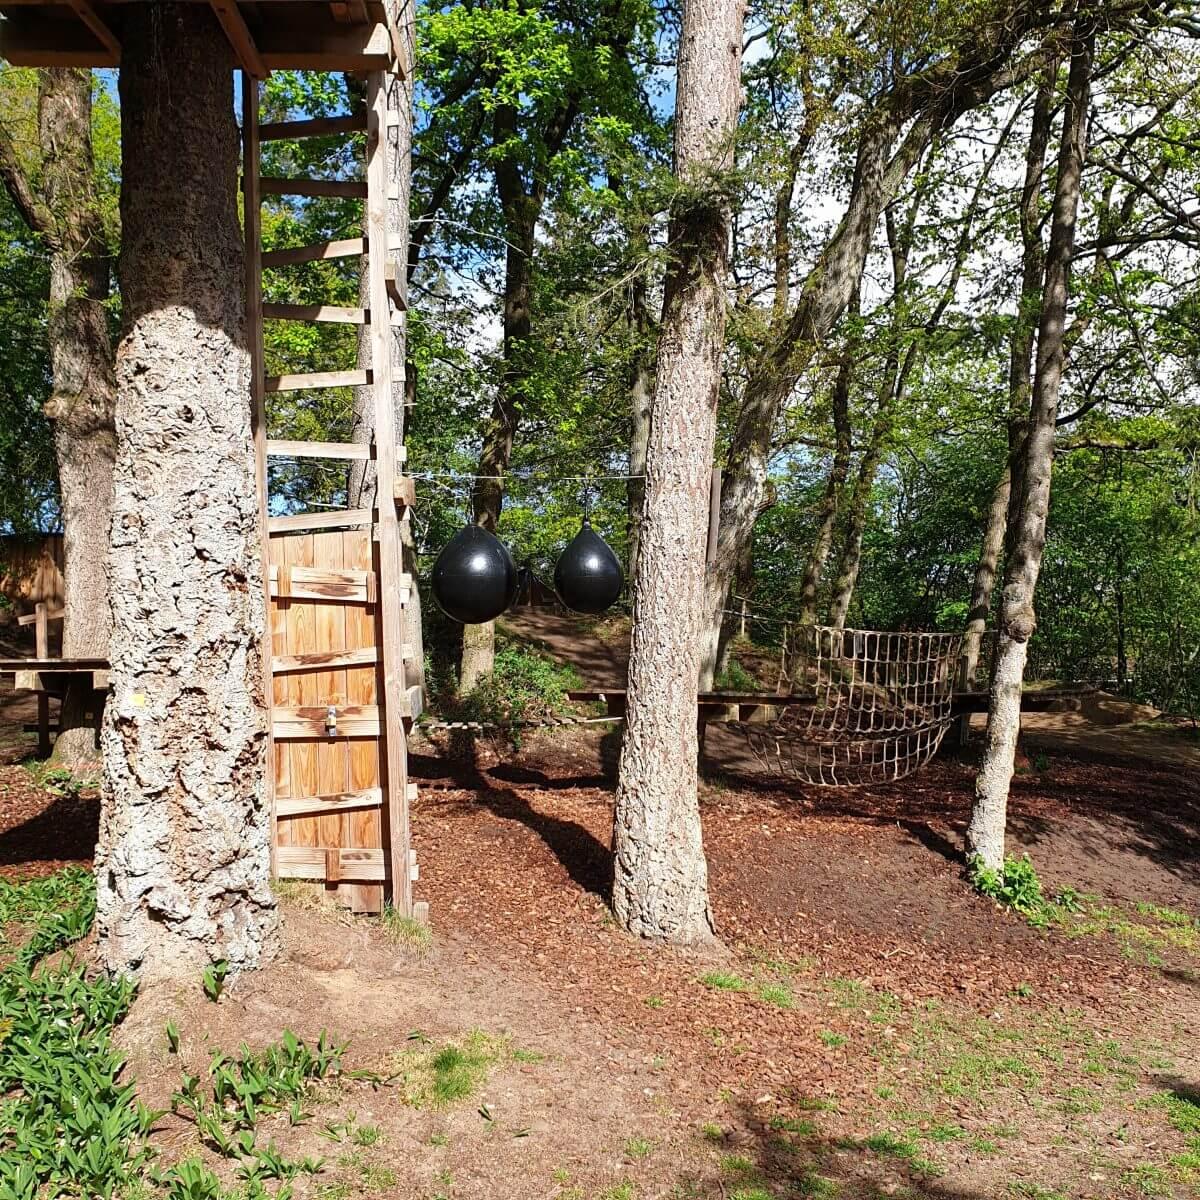 Landal Rabbit Hill buitenspeeltuin met tokkelbaan